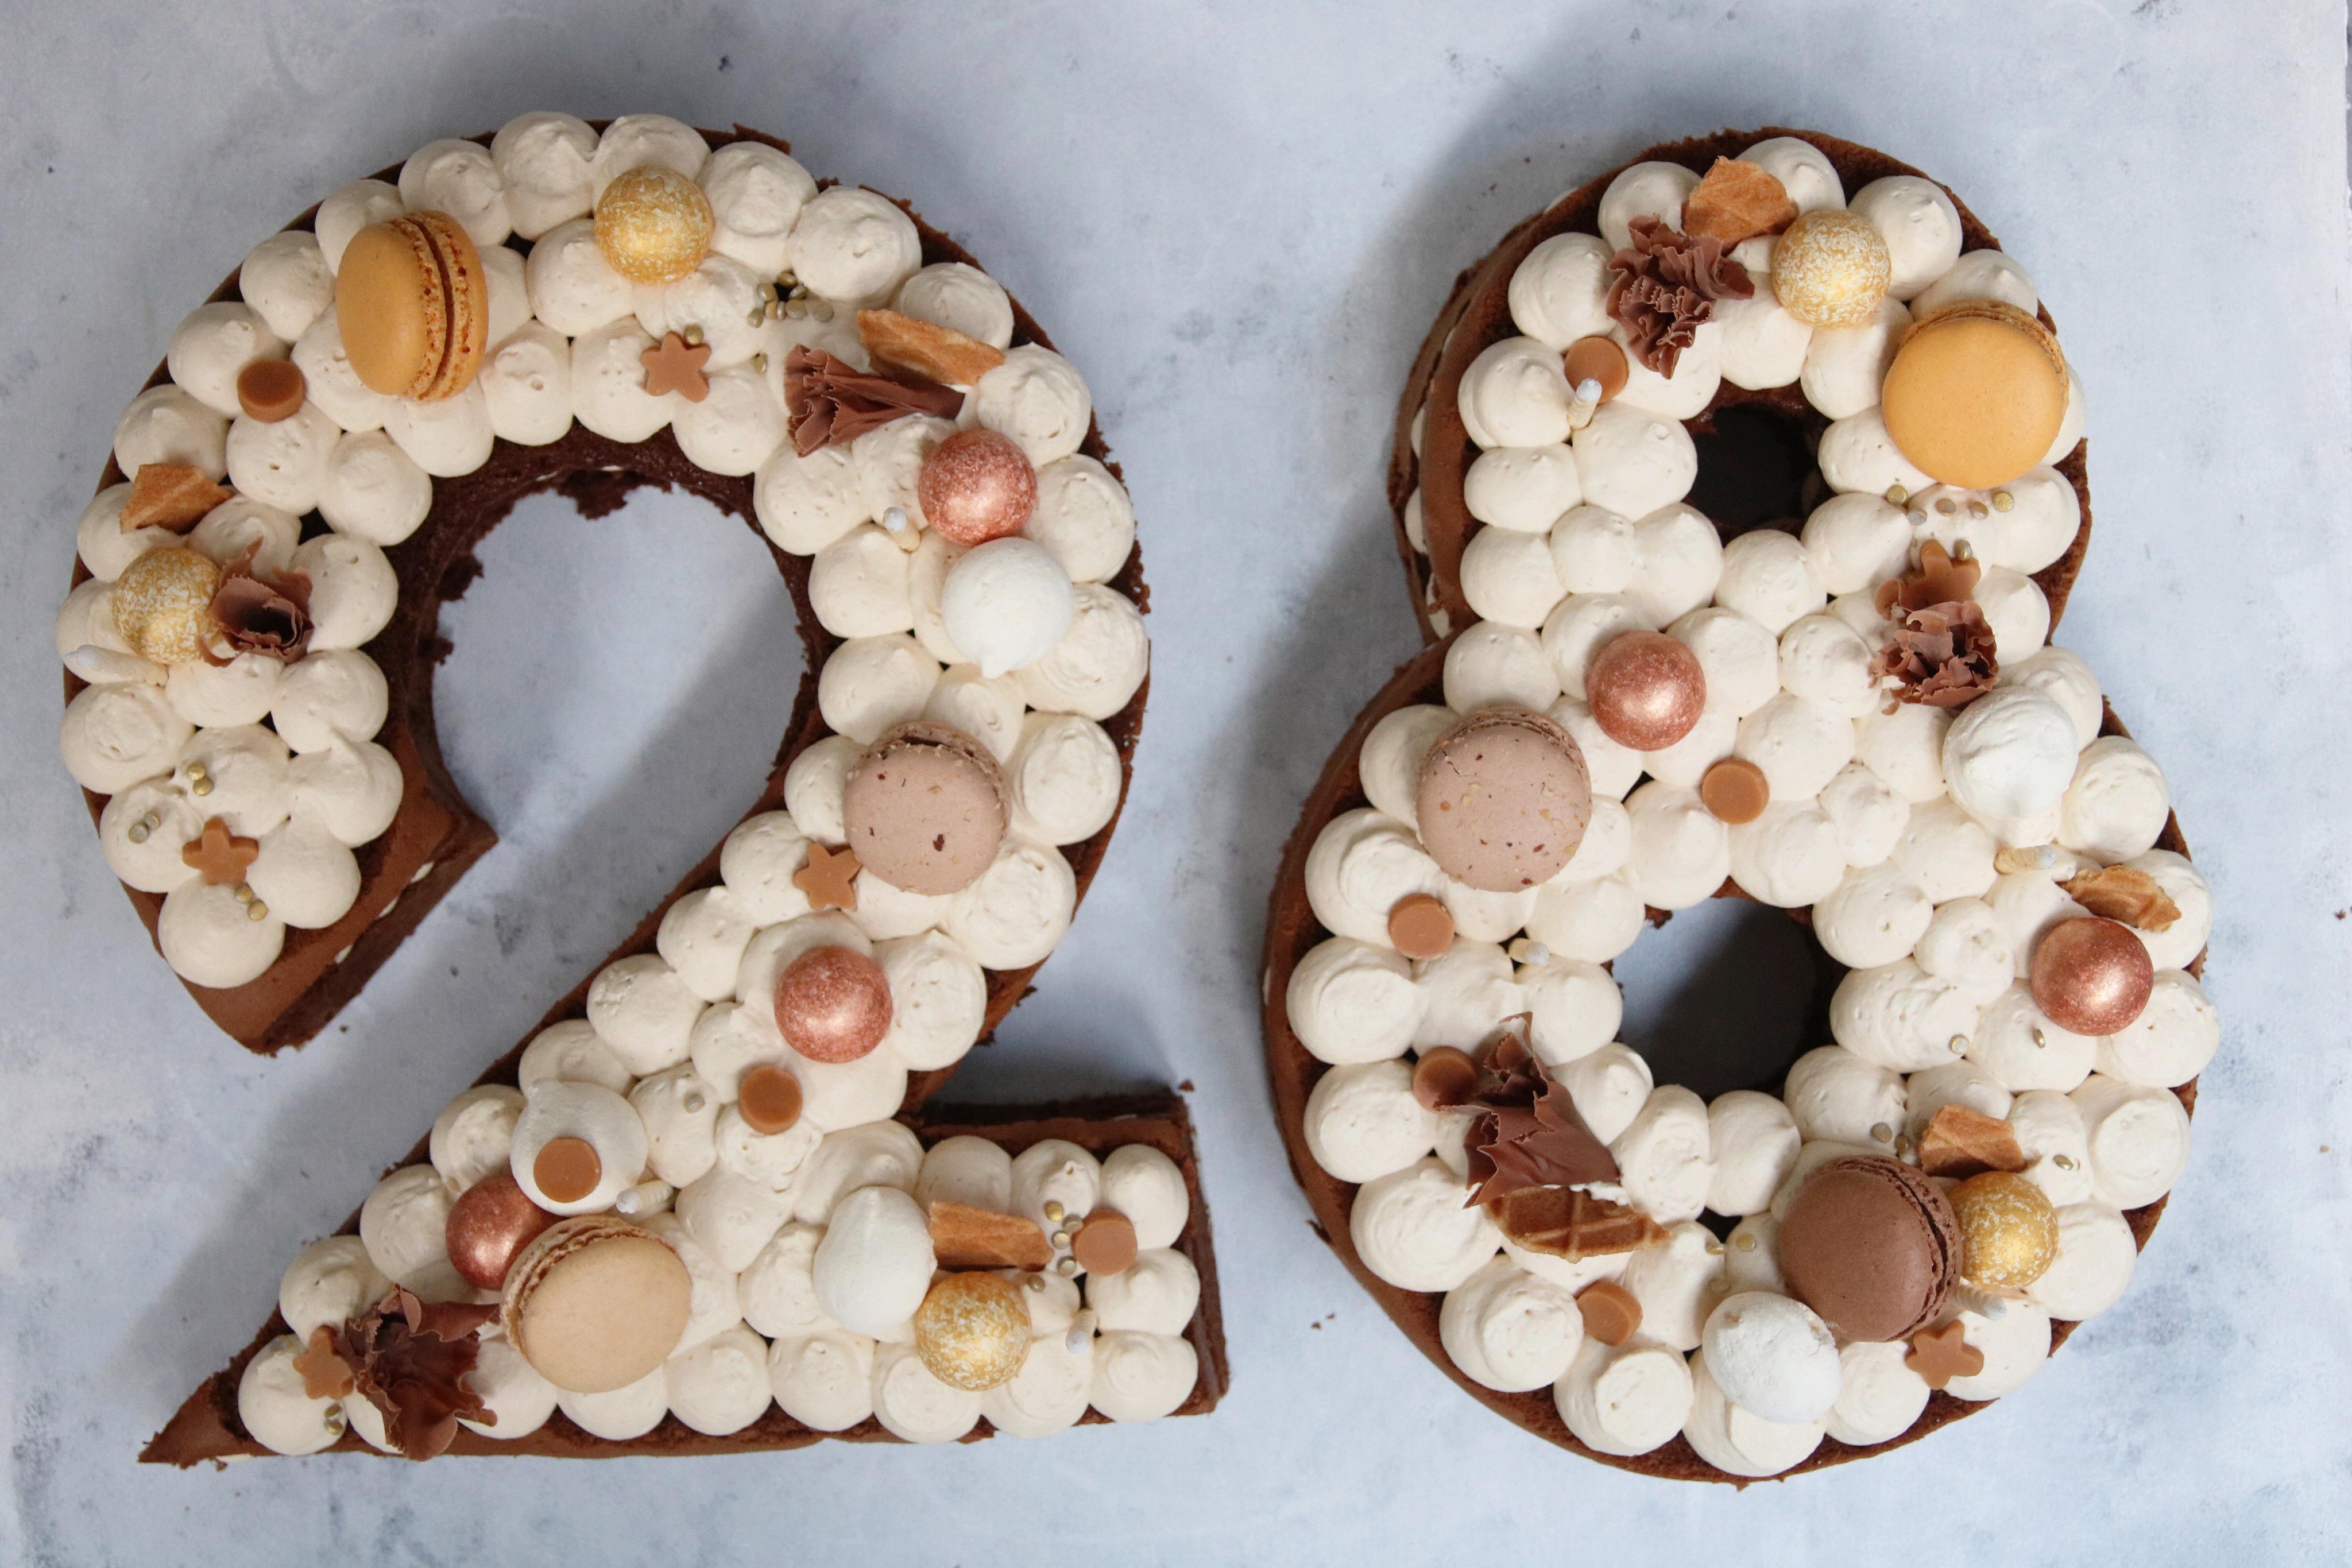 Cijfertaart met chocolade, koffie en karamel